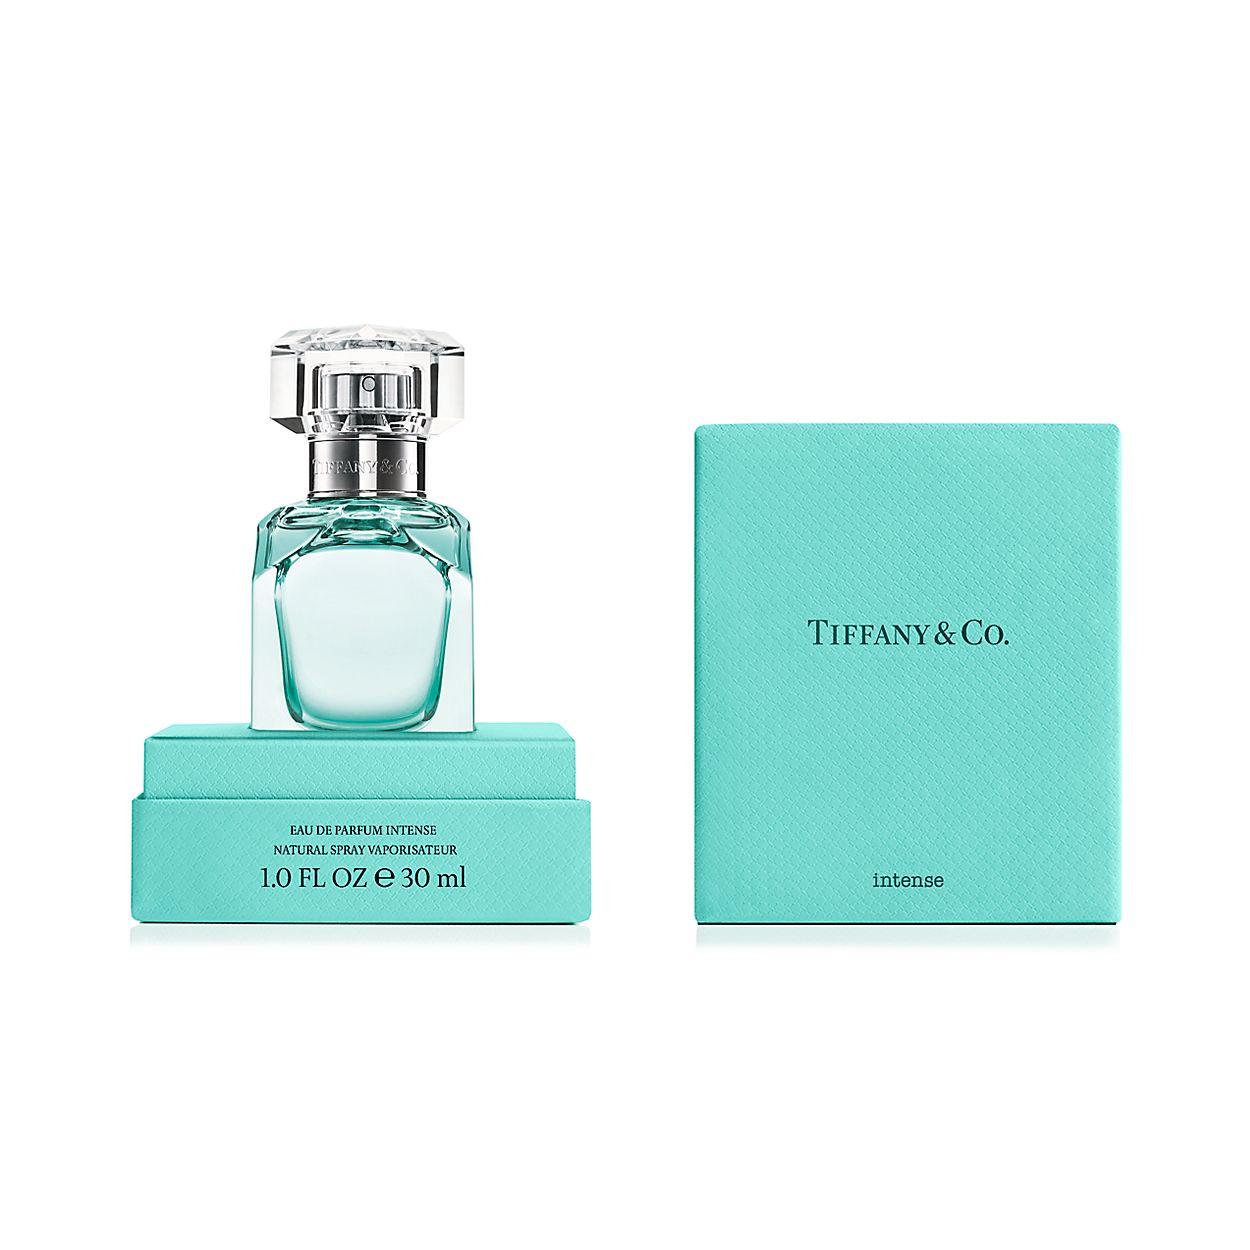 b5cf8752add Tiffany Eau de Parfum Intense, 1.0 ounces. | Tiffany & Co.